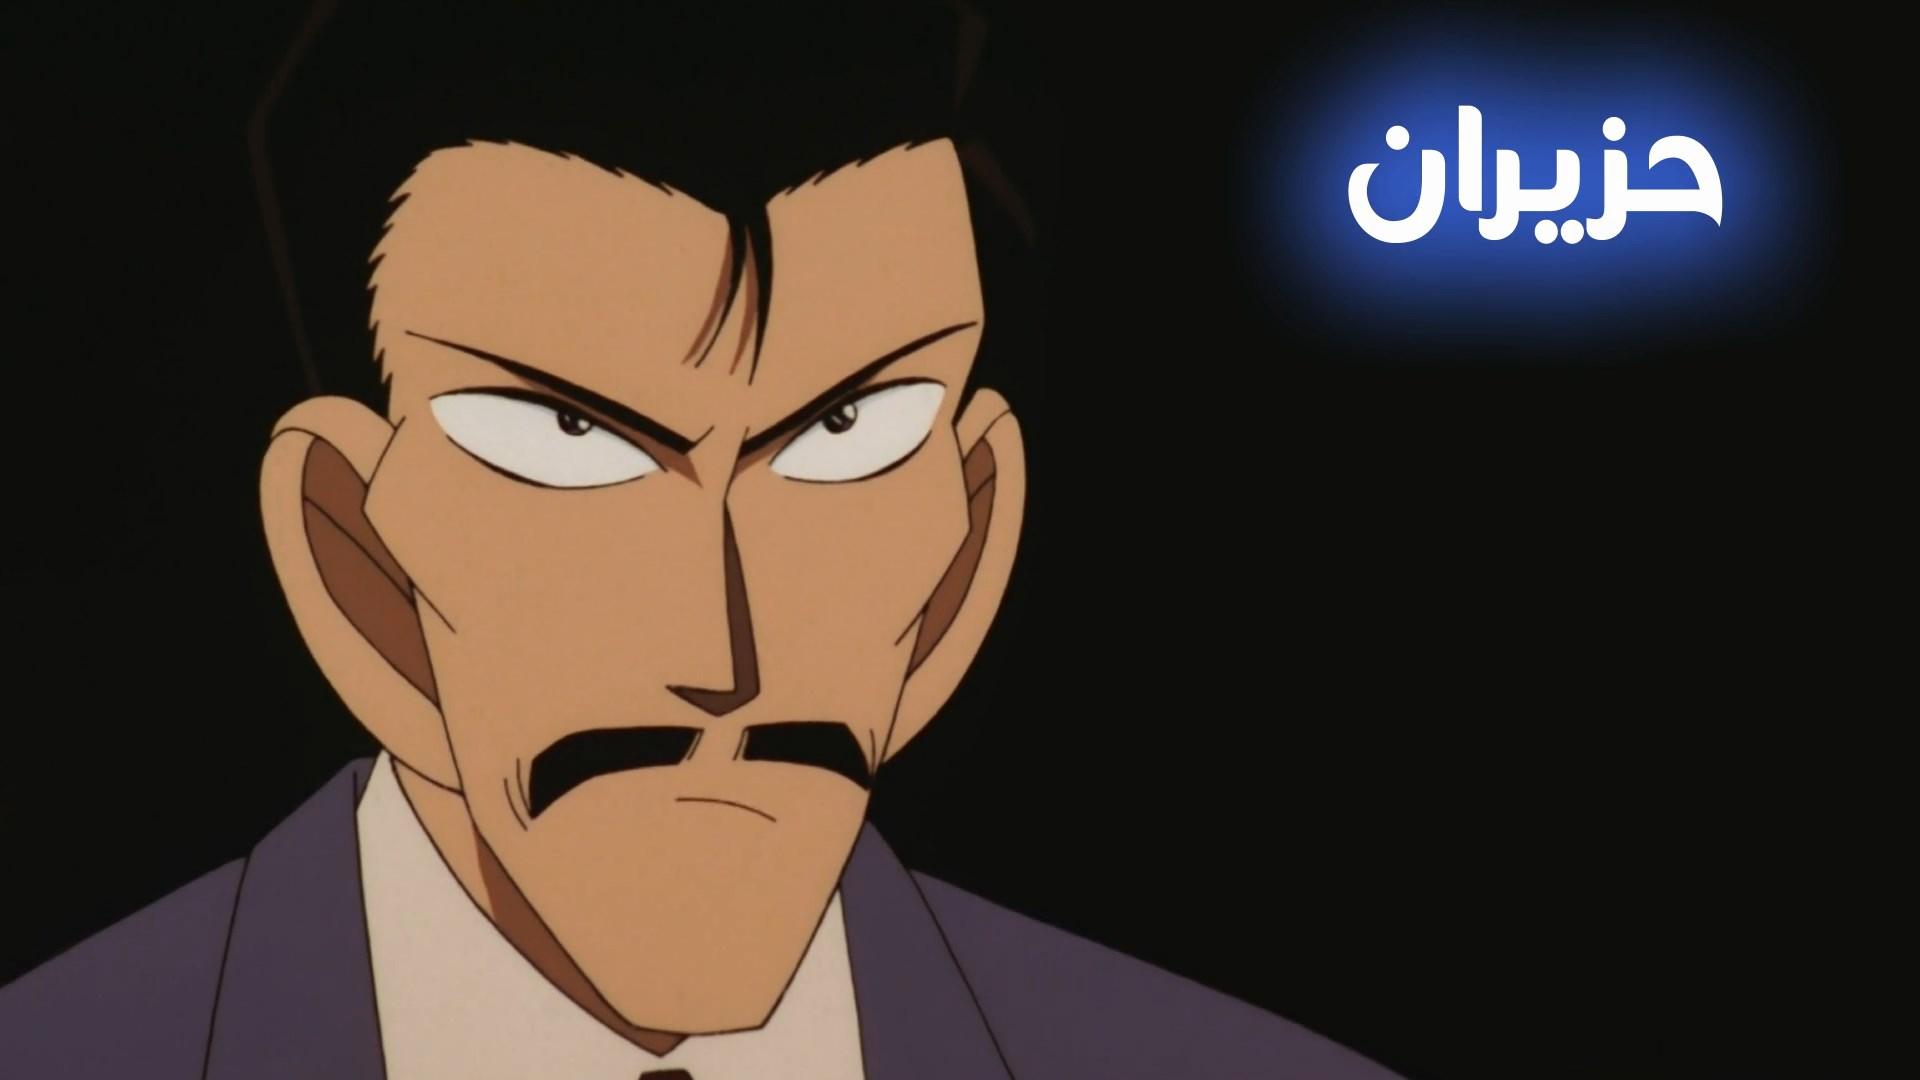 المحقق كونان الفيلم الأول -اللحظة الأخيرة - مدبلج عربي 1080p تحميل تورنت 9 arabp2p.com